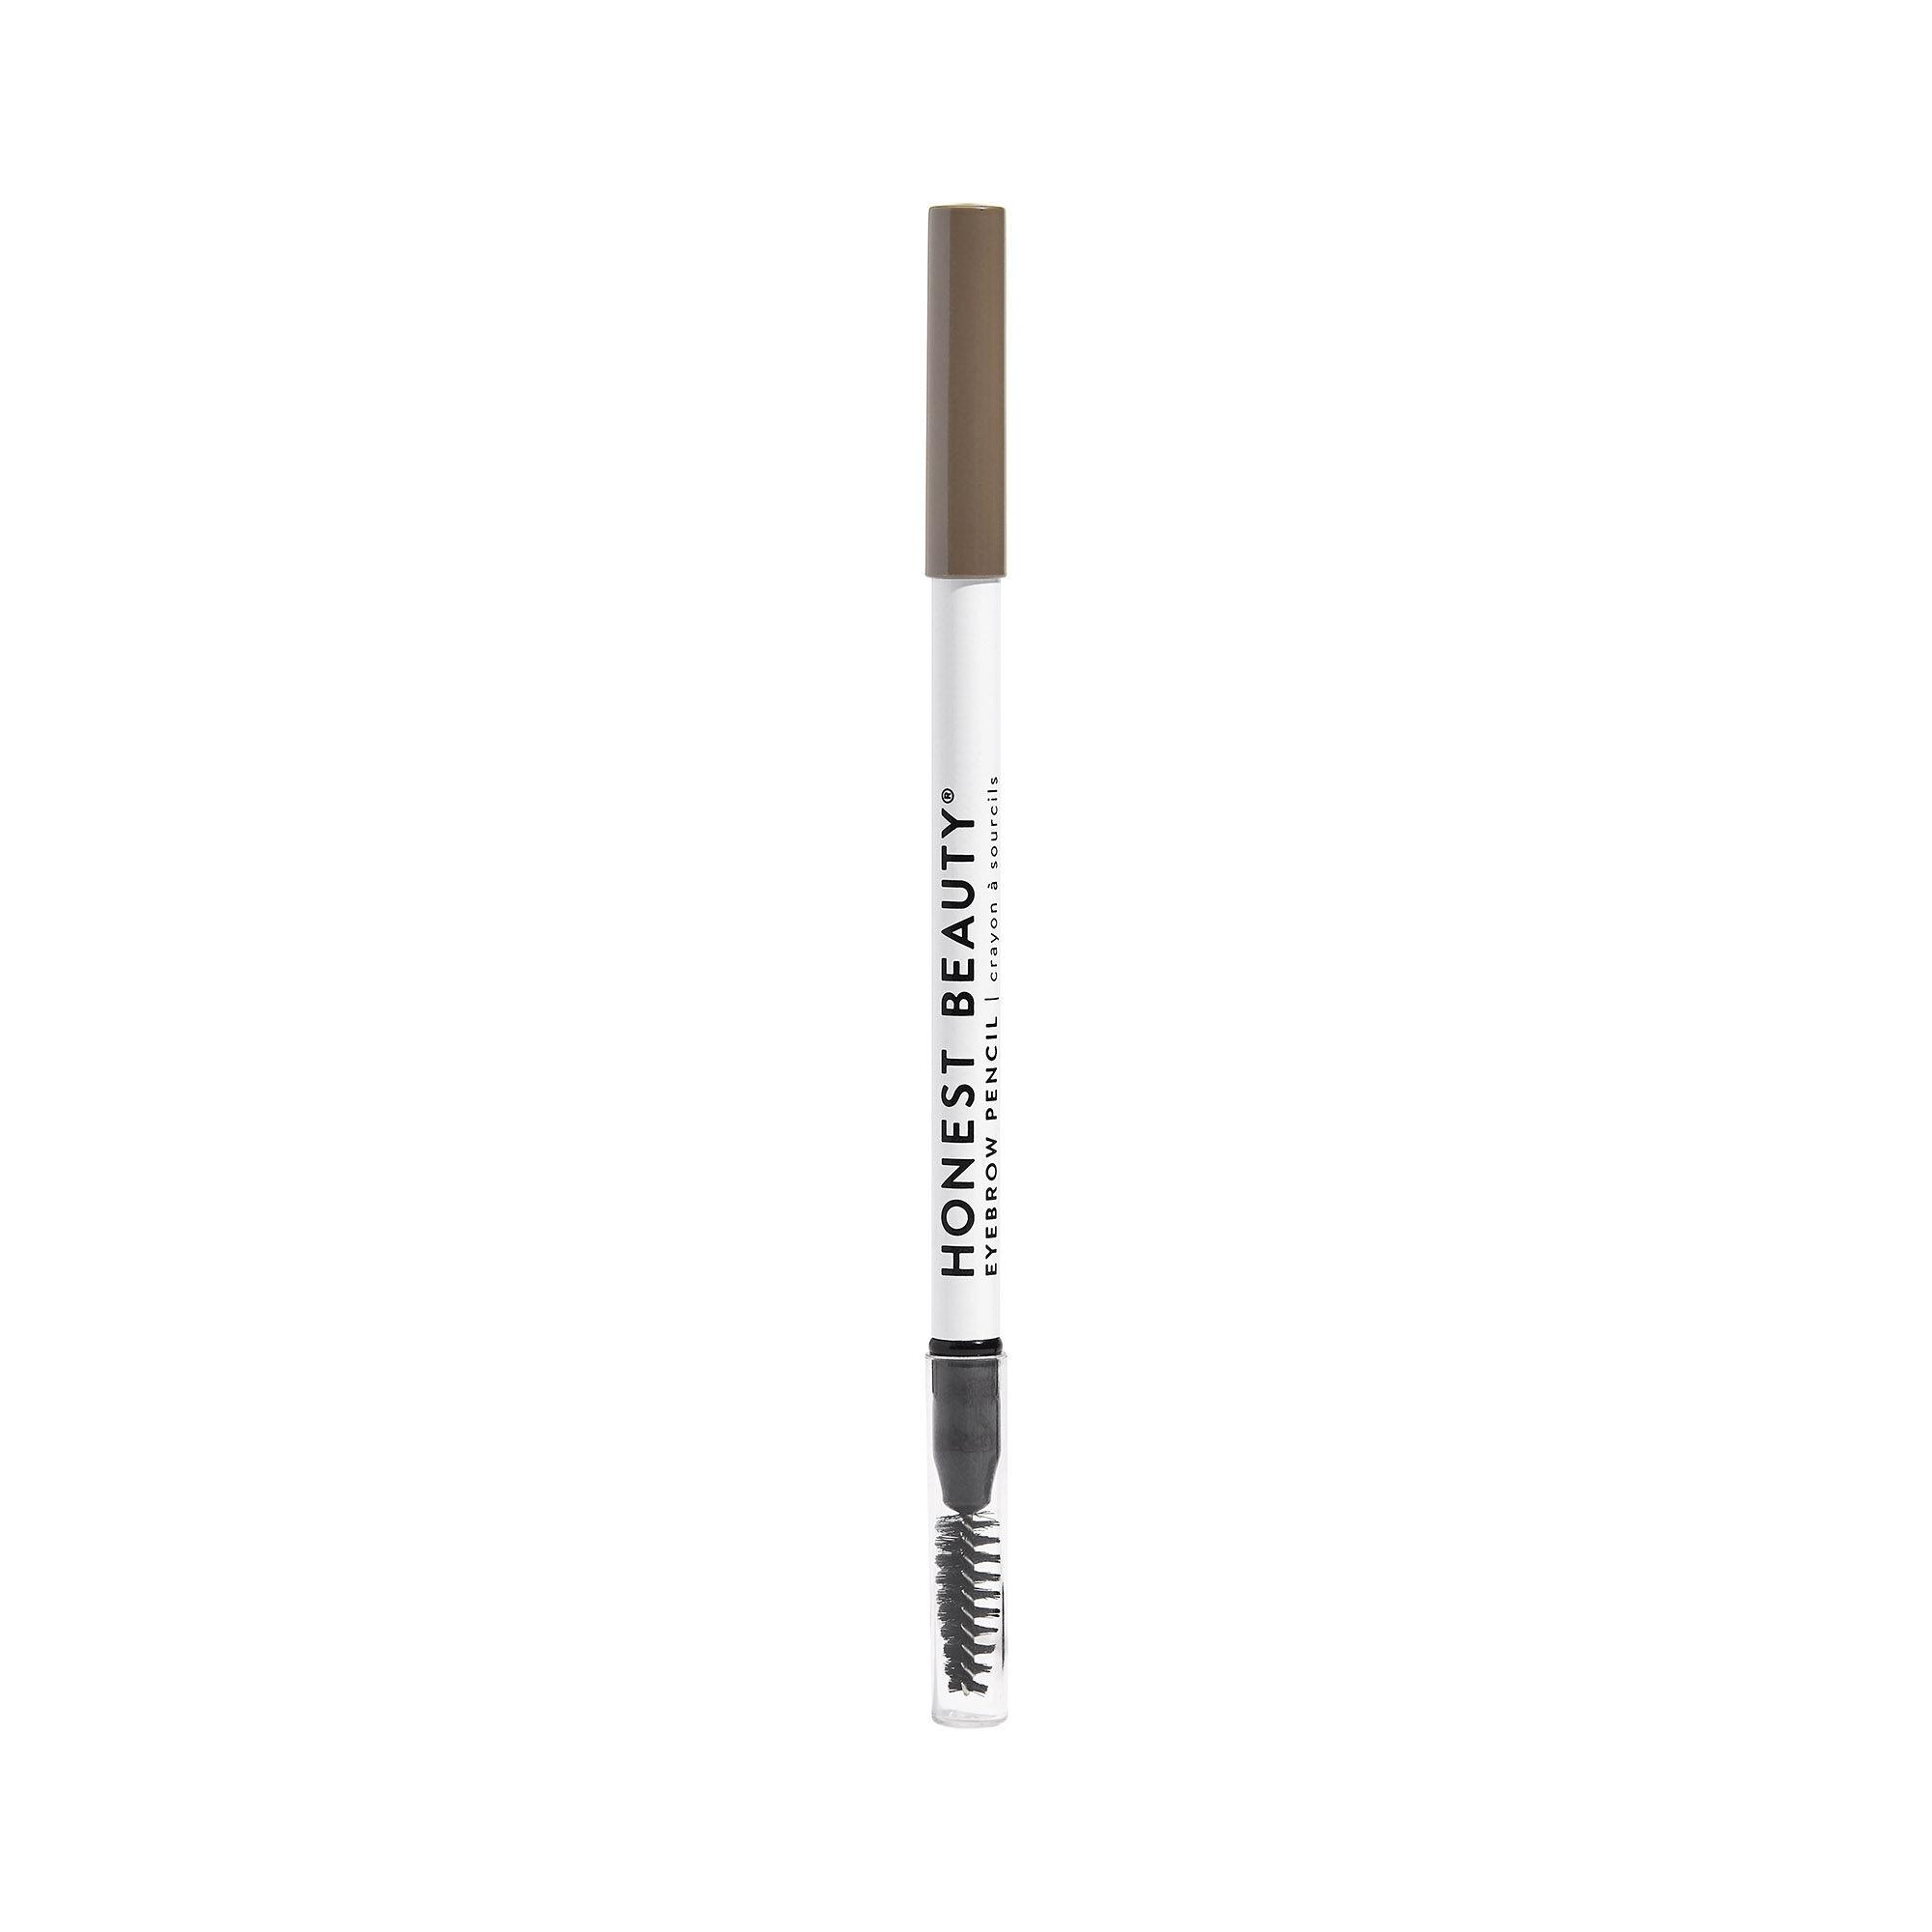 Eyebrow Pencil, Ash Blonde